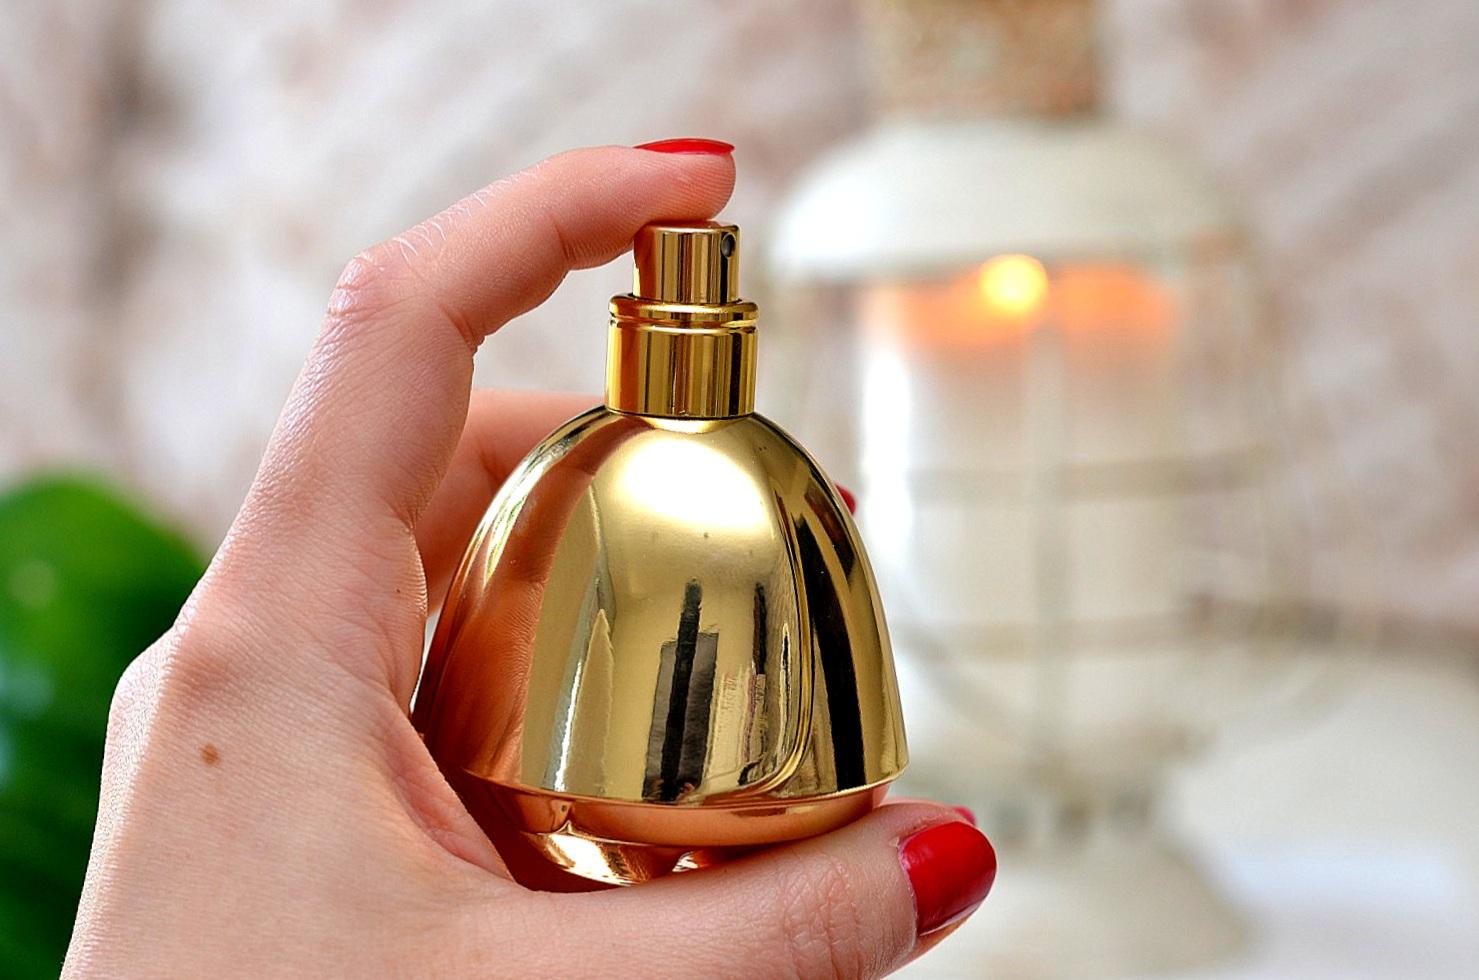 Volare Gold By Oriflame Zapach Prawdziwej Mioci Joanna Eau De Parfum 50ml Oryflame Znajdziecie Oczywicie W Katalogu